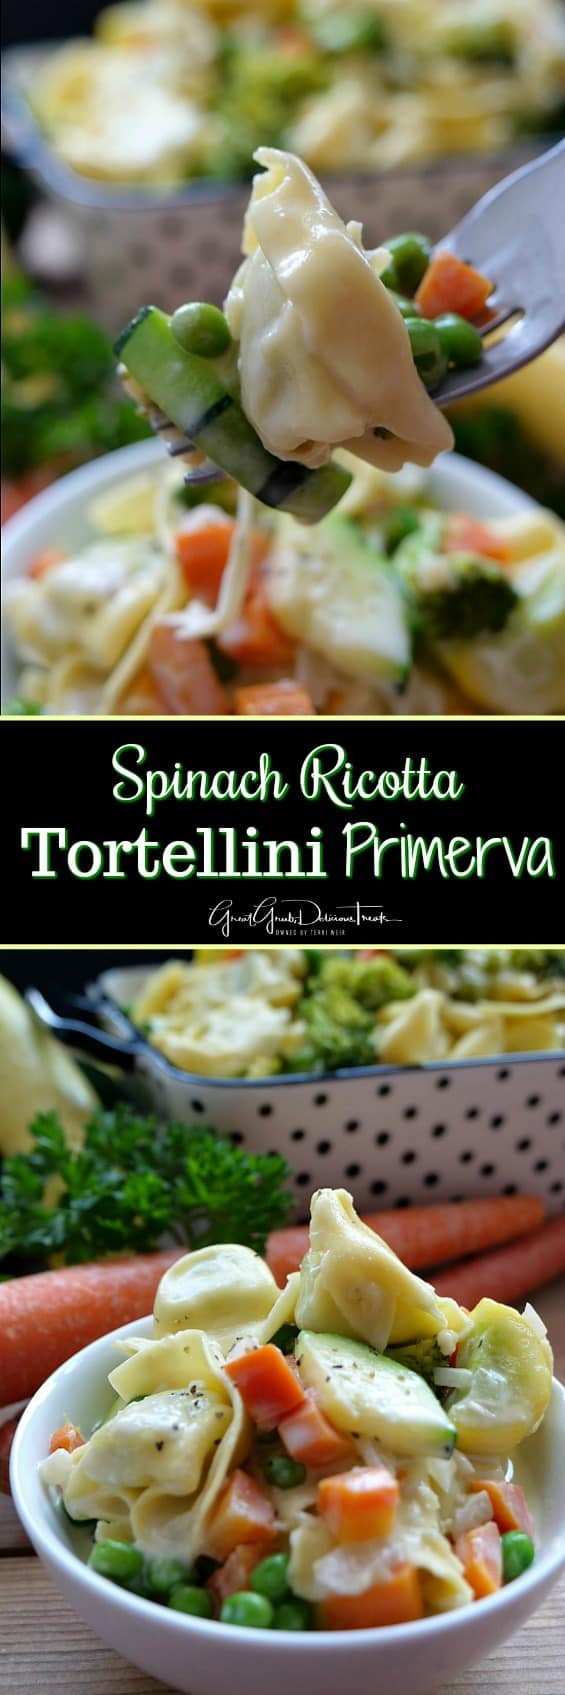 Spinach Ricotta Tortellini Primavera